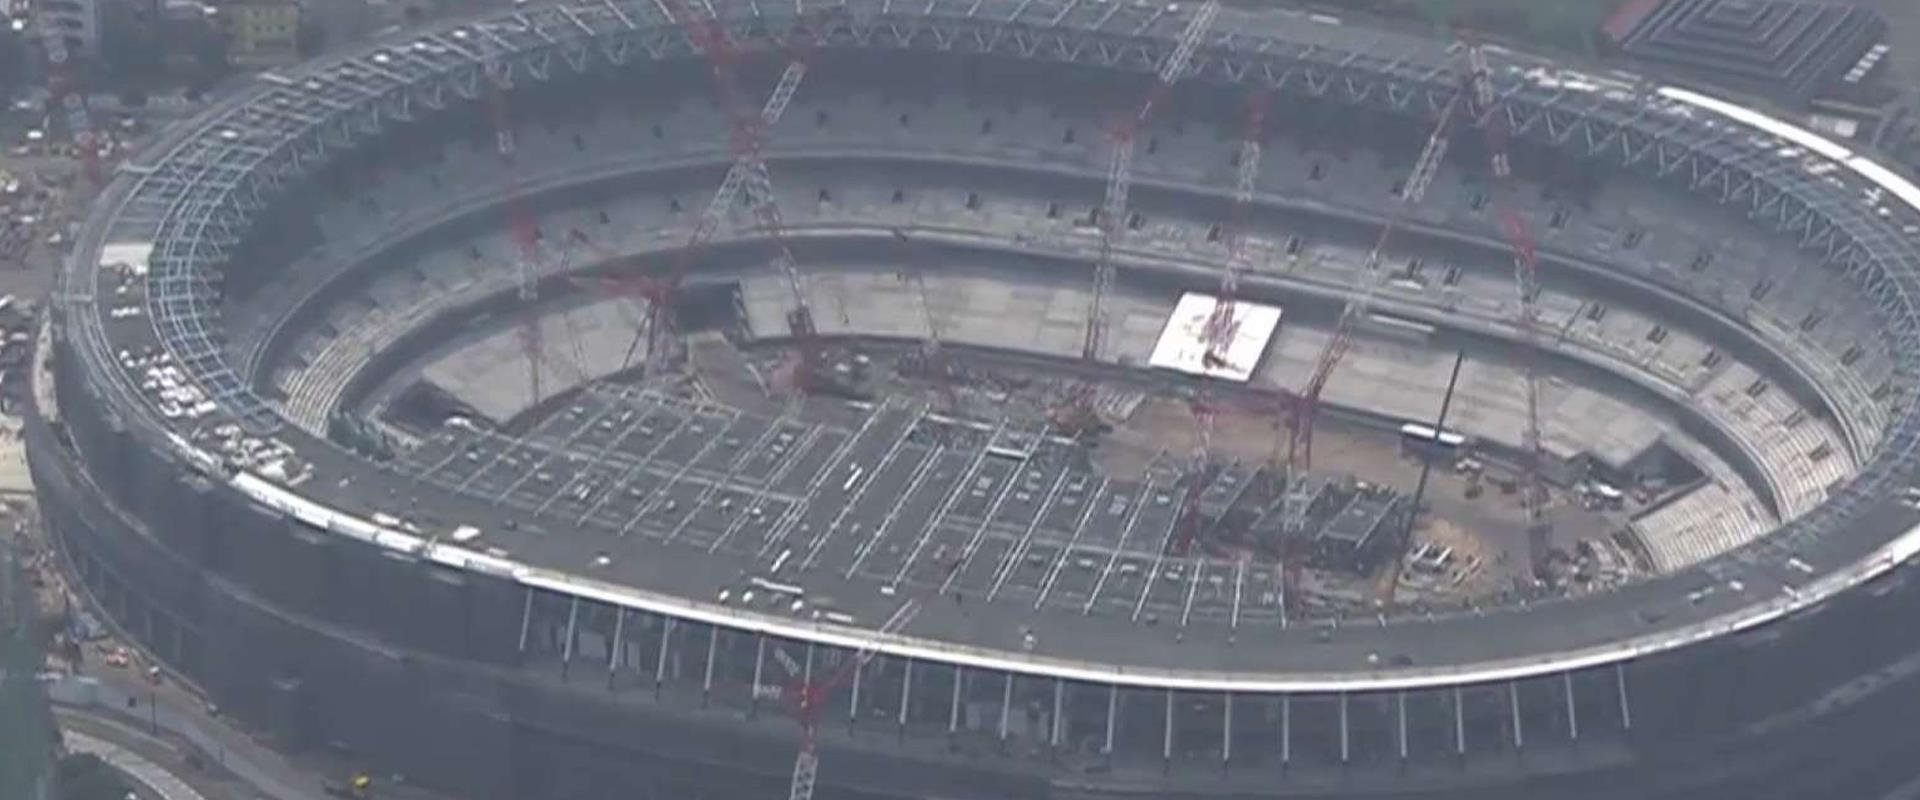 האצטדיון האולימפי בטוקיו